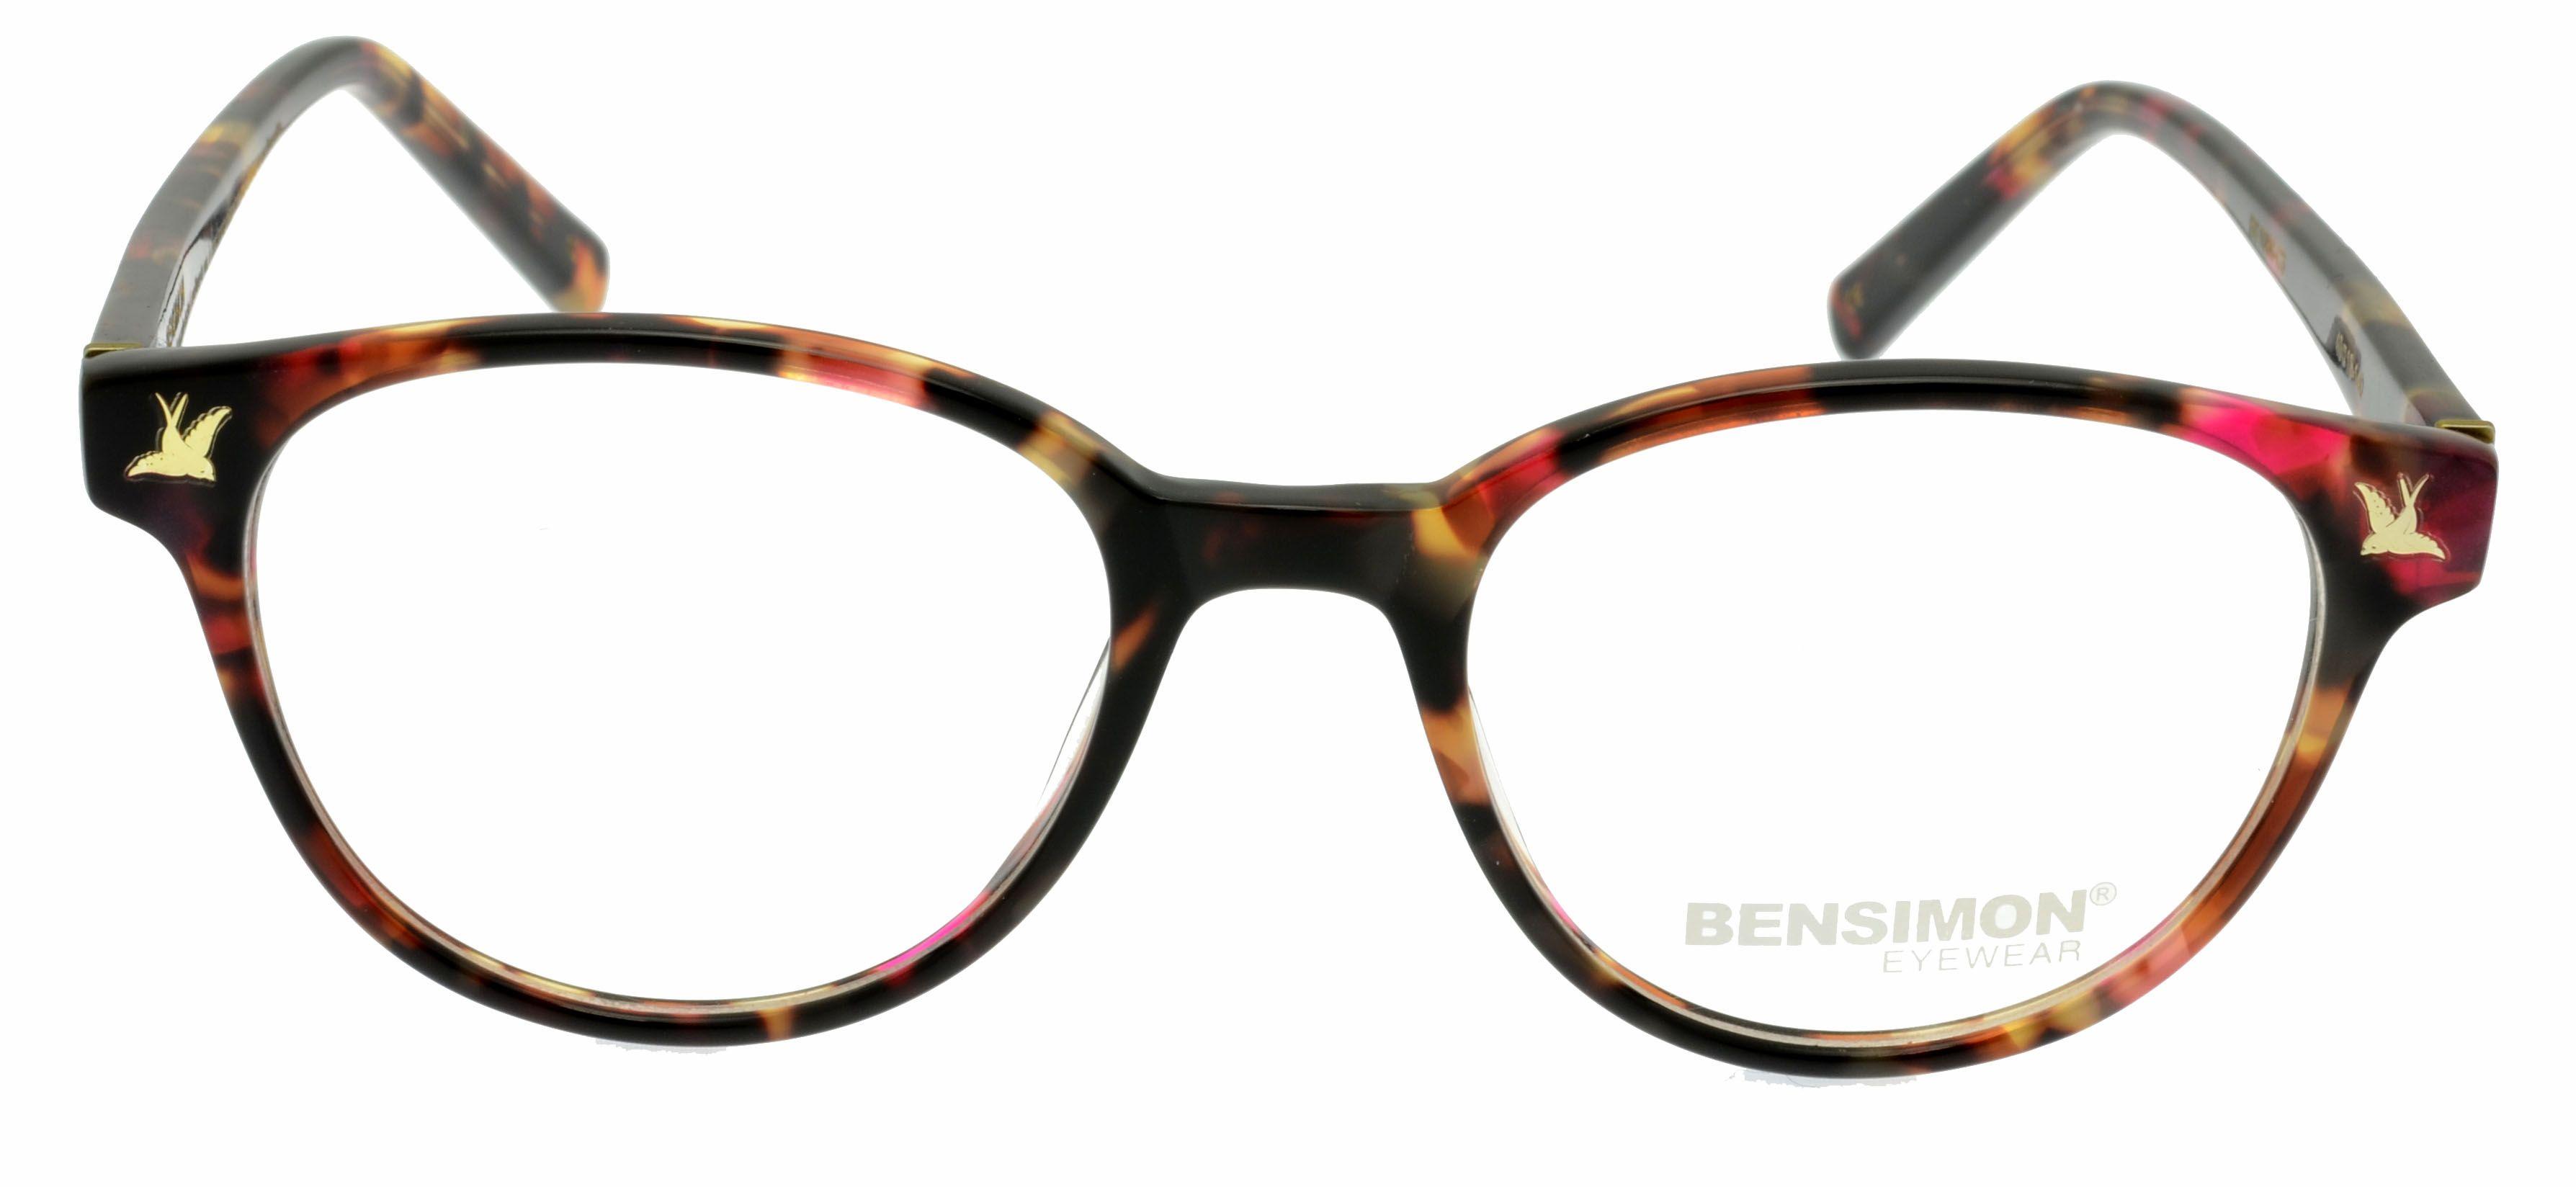 Bensimon eyewear Collection optique et solaire - Printemps-été 2017 Summer  - Sun - Colours 5d1fc3ba96f3